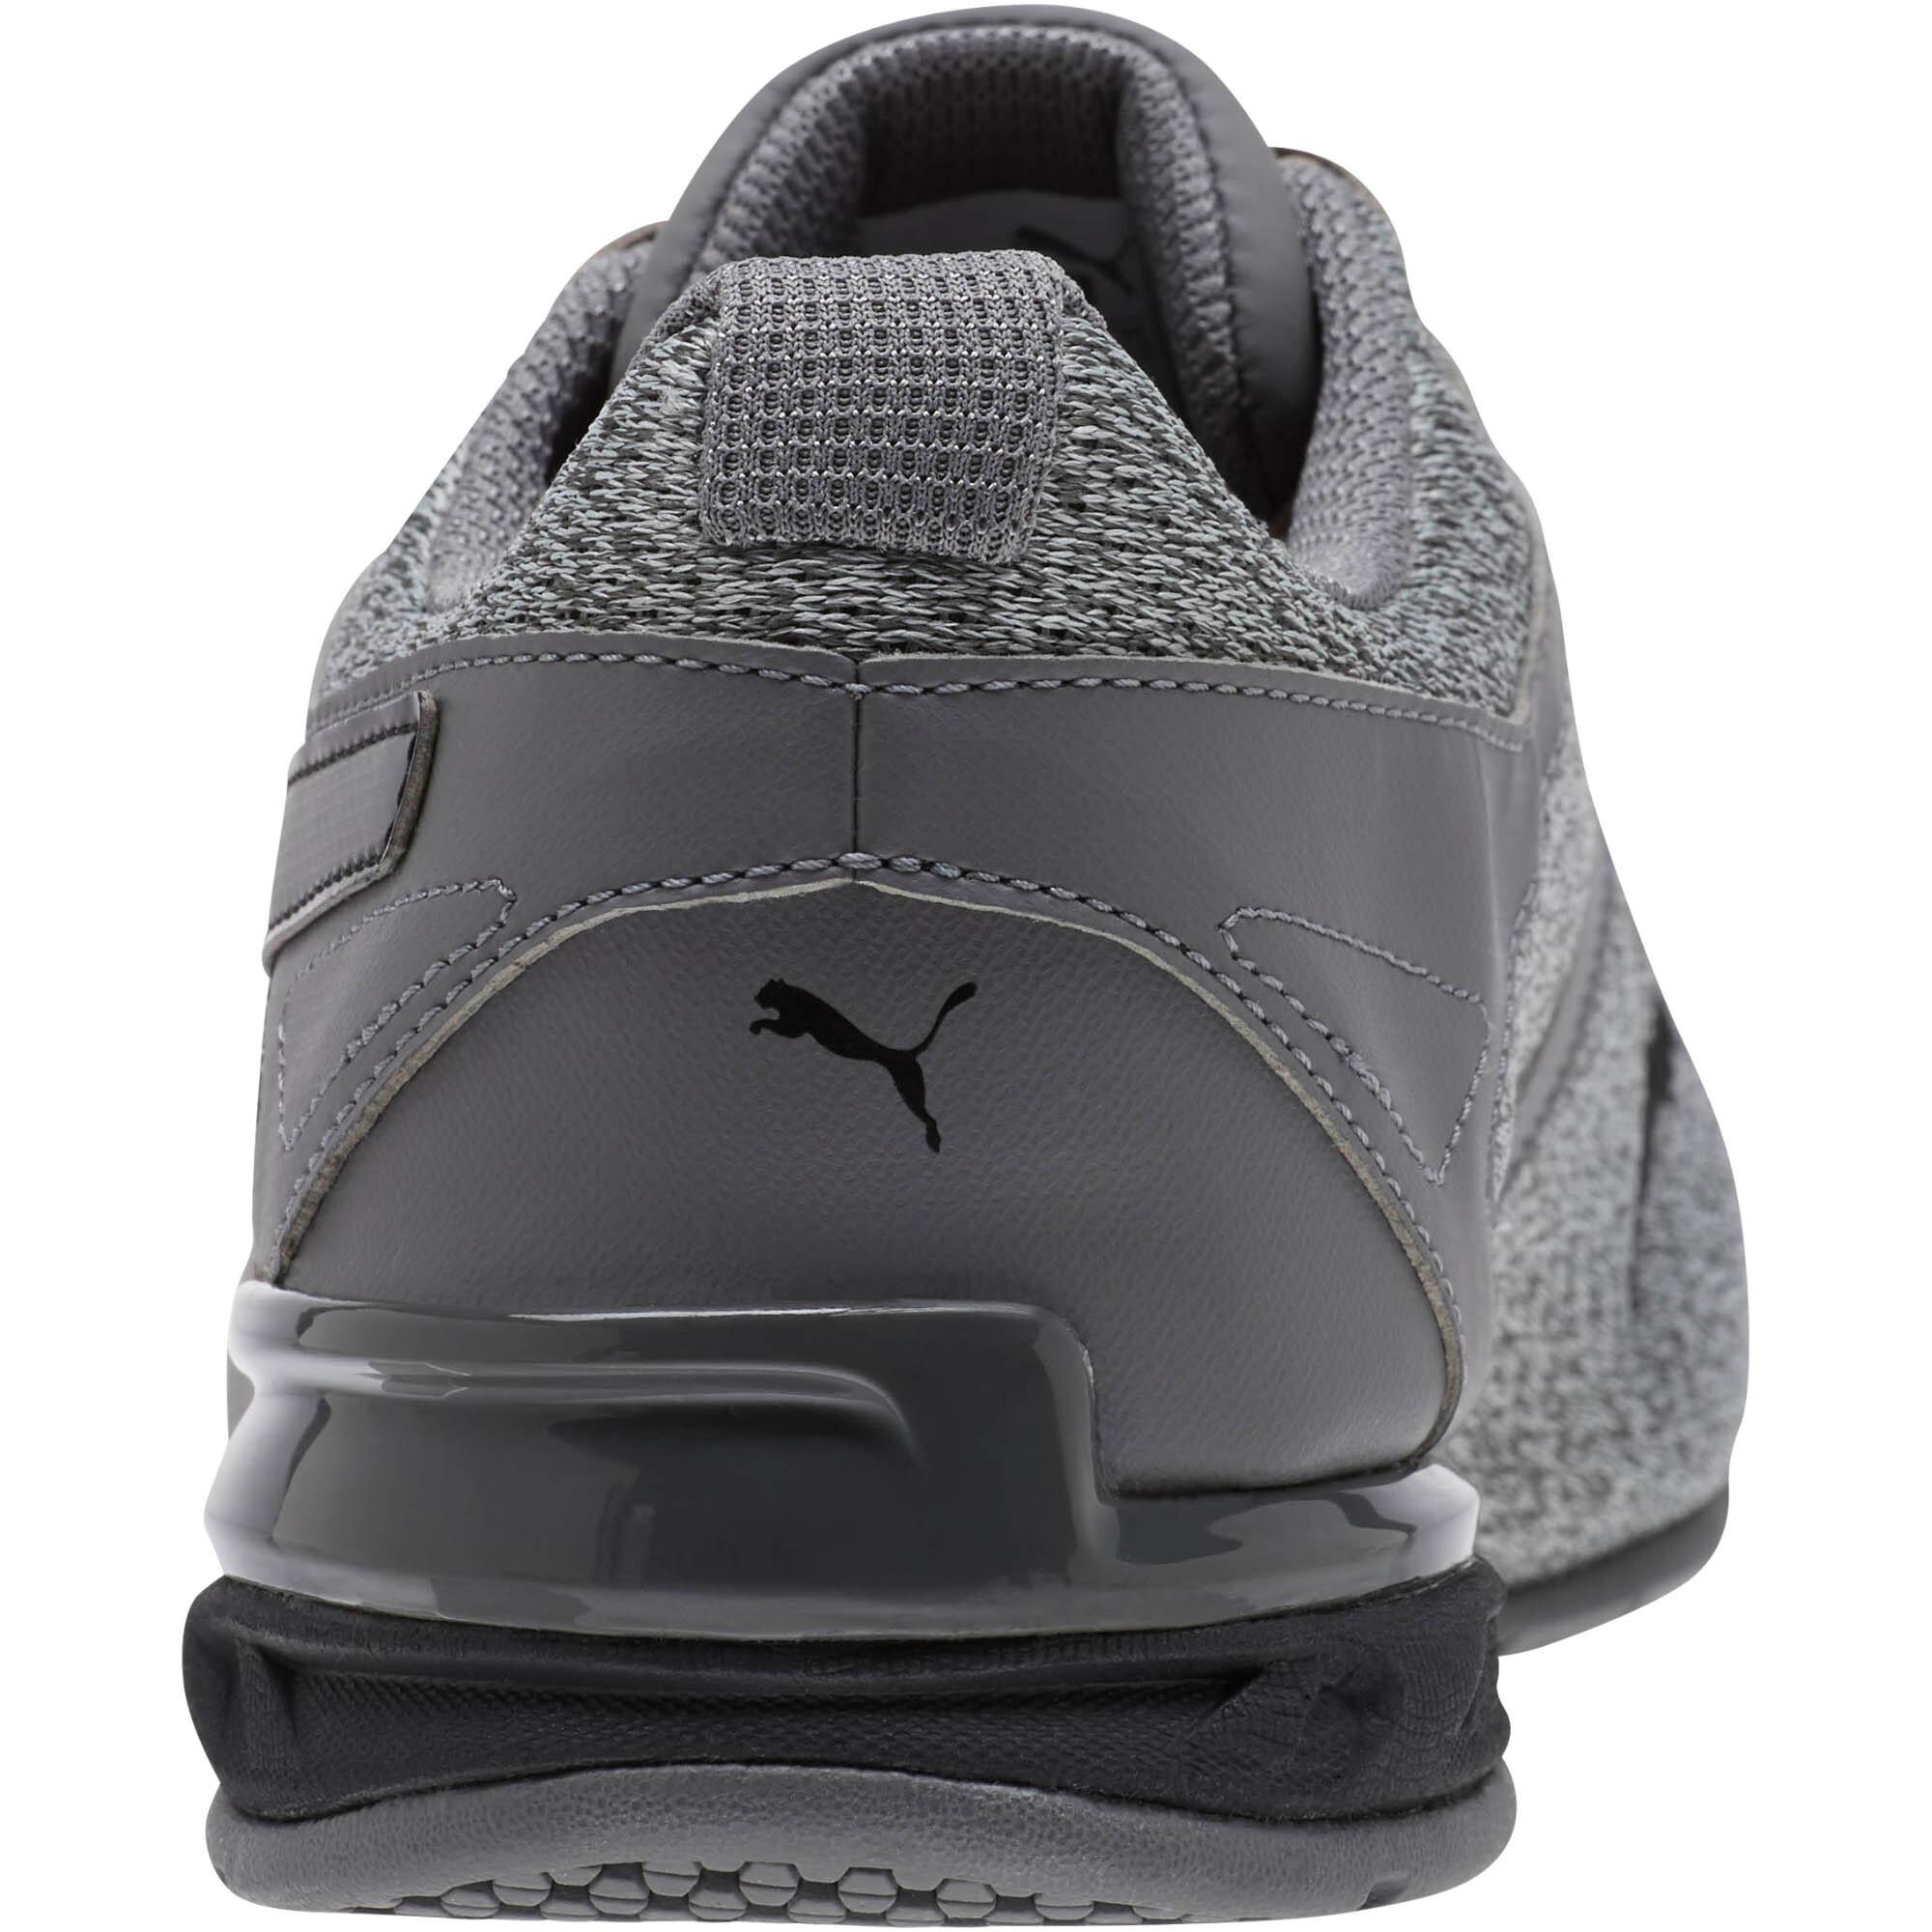 Puma-Tazon-6-Lavorato-a-Maglia-Uomo-Scarpe-da-ginnastica-Uomo-scarpa-in-esecuzione miniatura 8